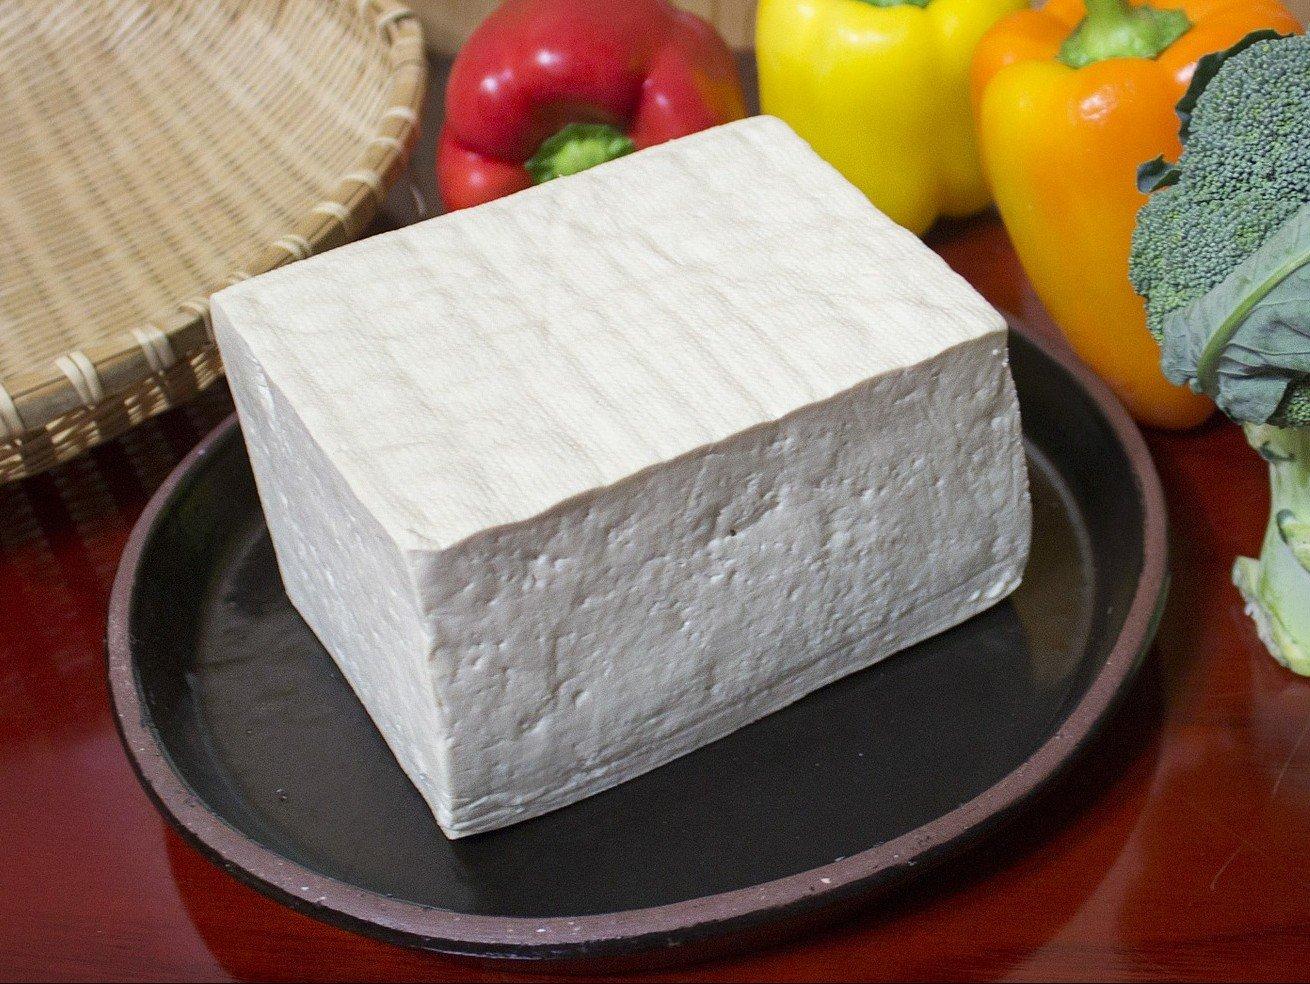 皿に置かれた木綿豆腐